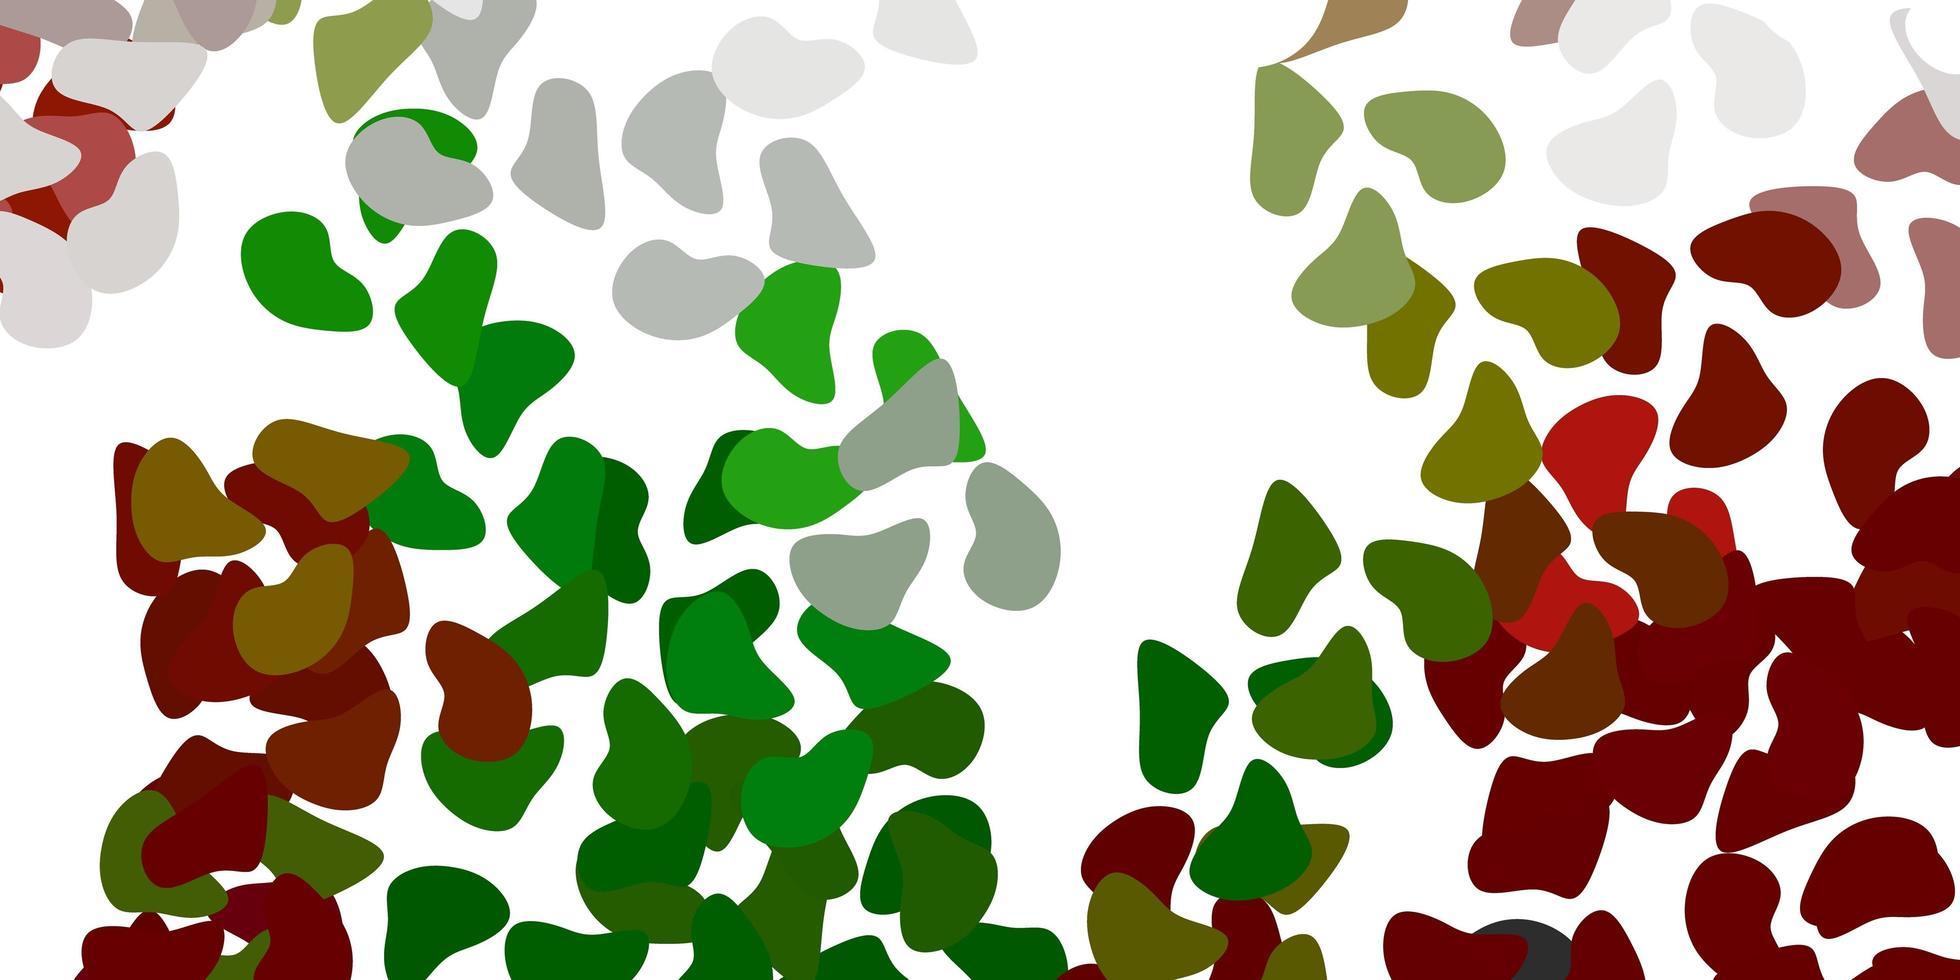 pano de fundo vector verde e vermelho claro com formas caóticas.